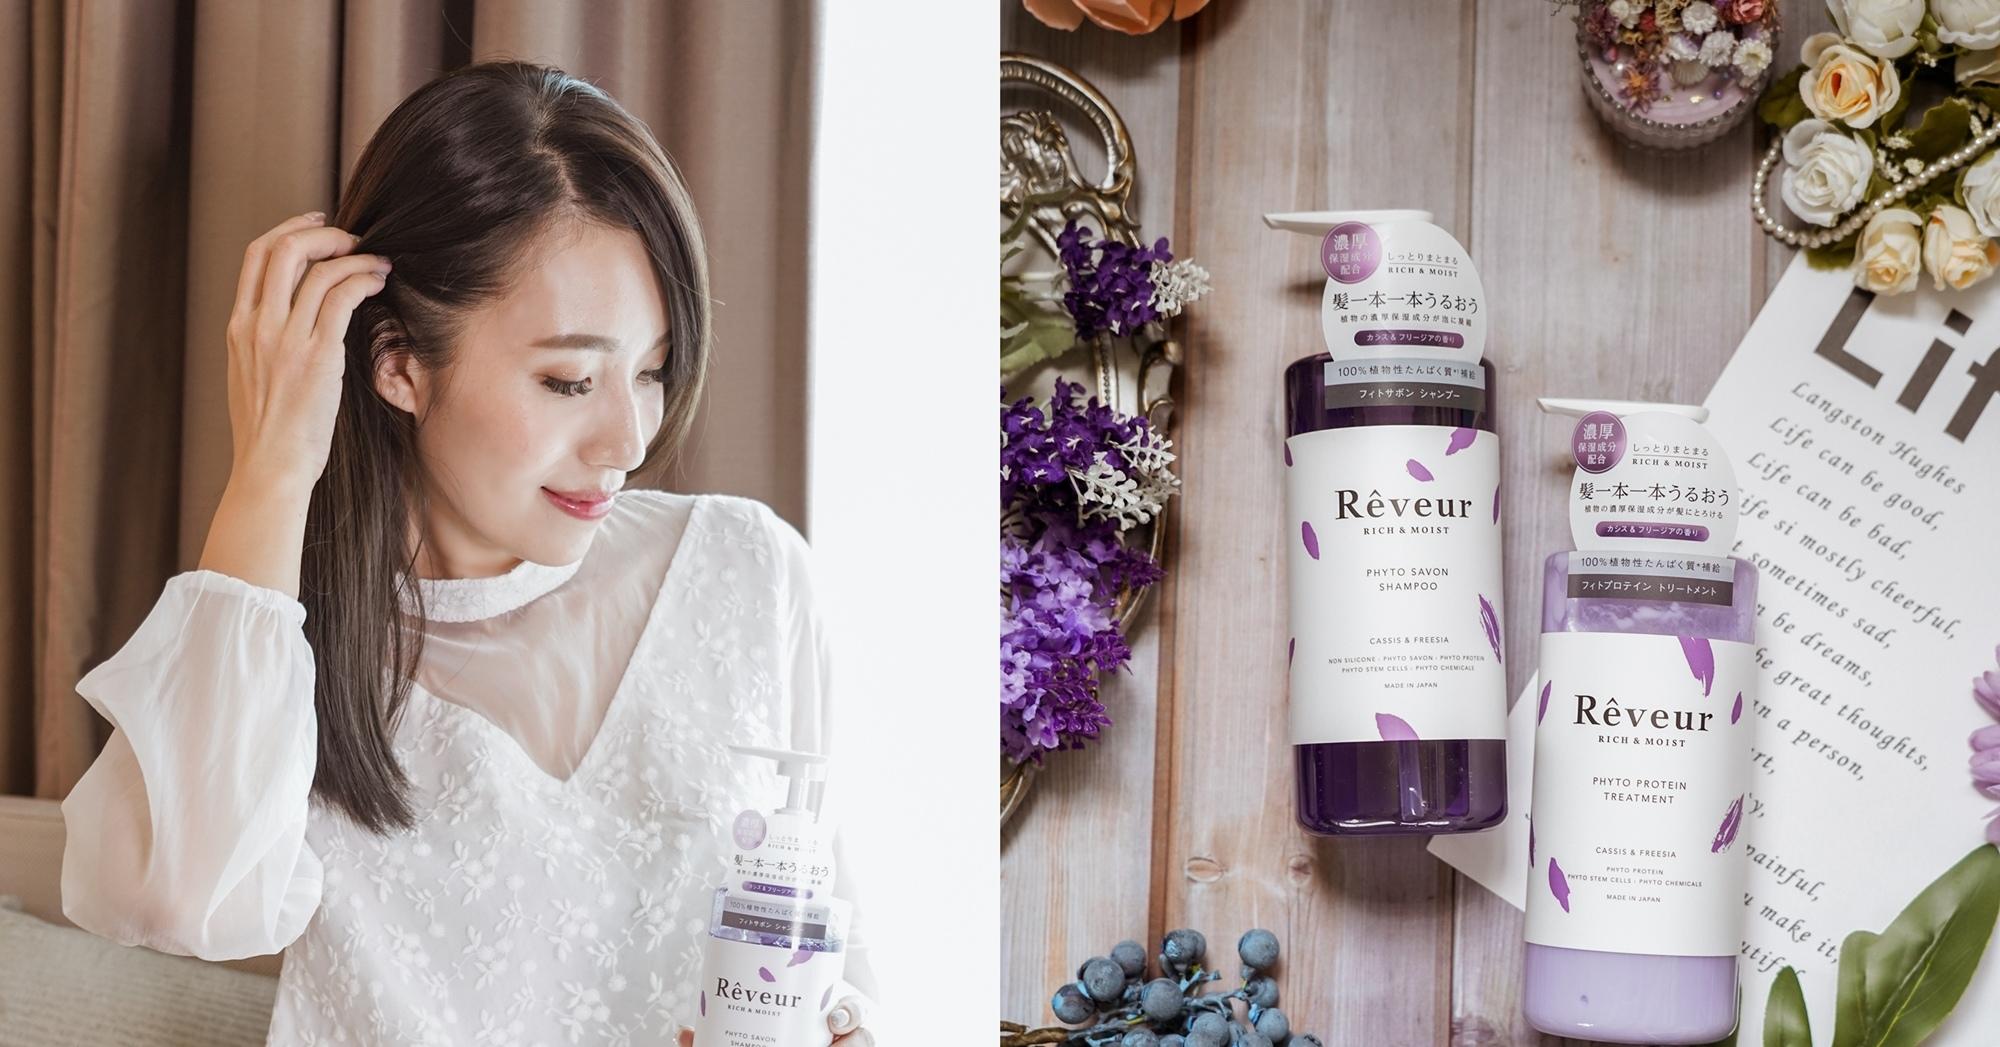 日本Rêveur芮芙茹 豐盈保濕洗護系列 高保濕植物性配方 打造夢幻般的強韌秀髮.jpg